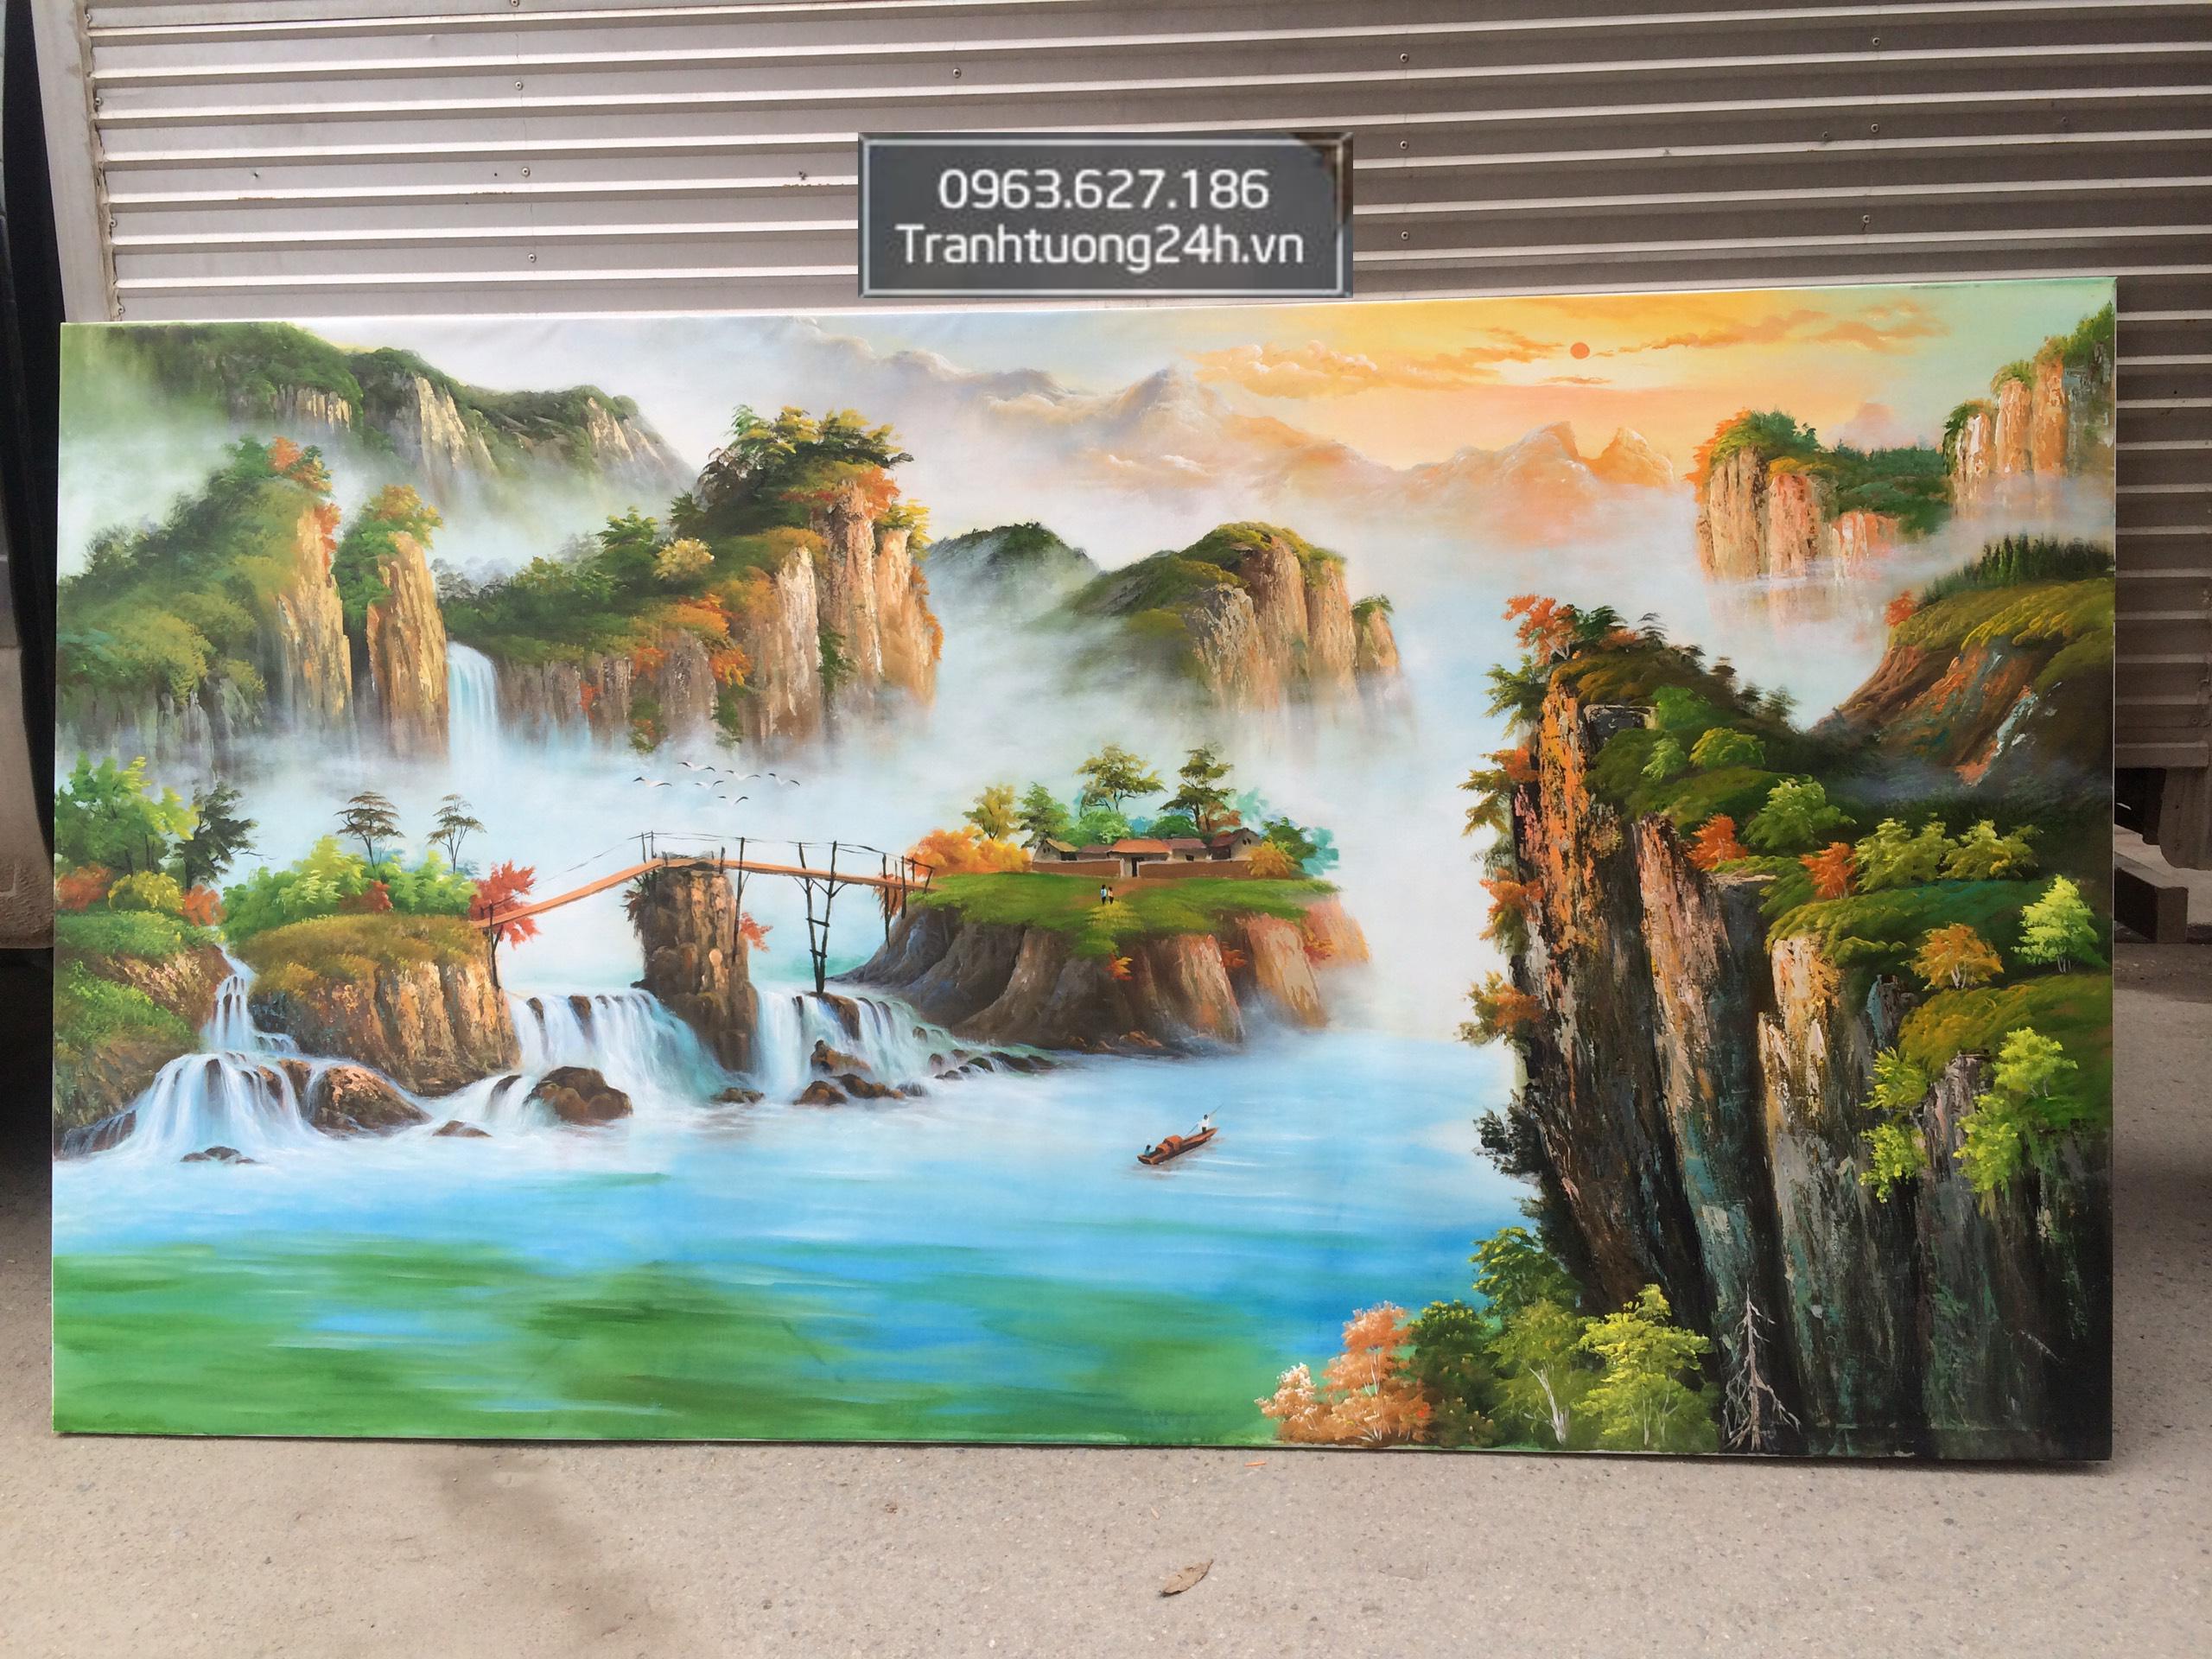 Tranh Phong Cảnh Non Nước Đẹp